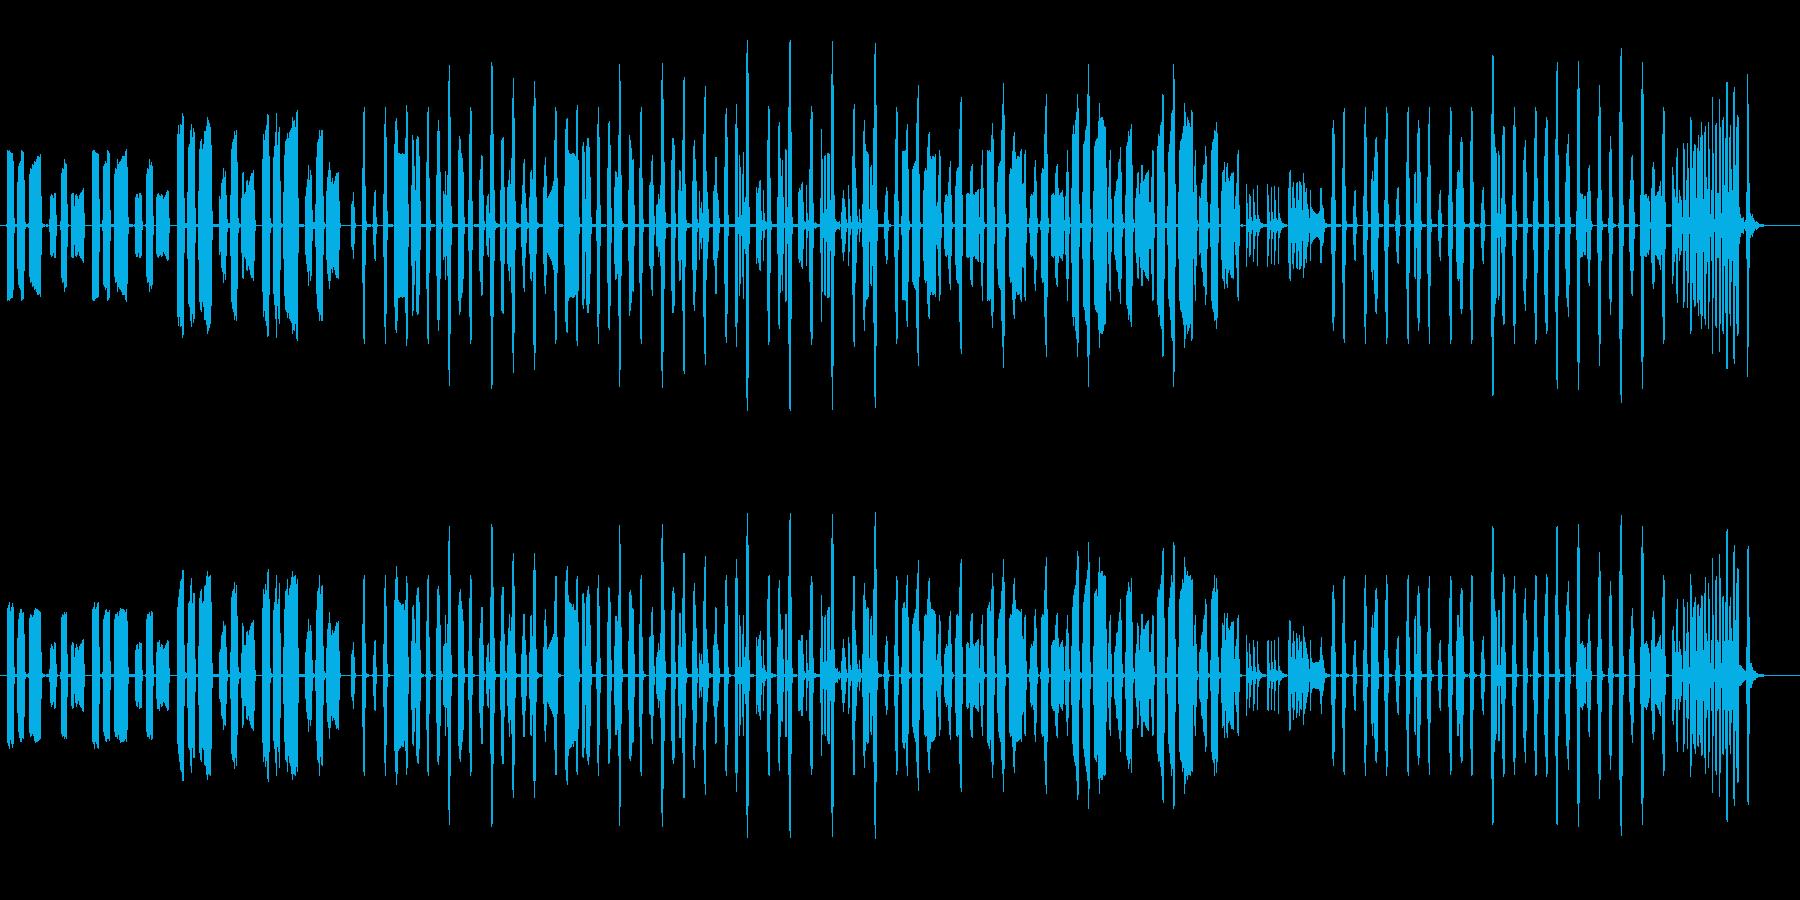 クッキングなほのぼのBGM1の再生済みの波形